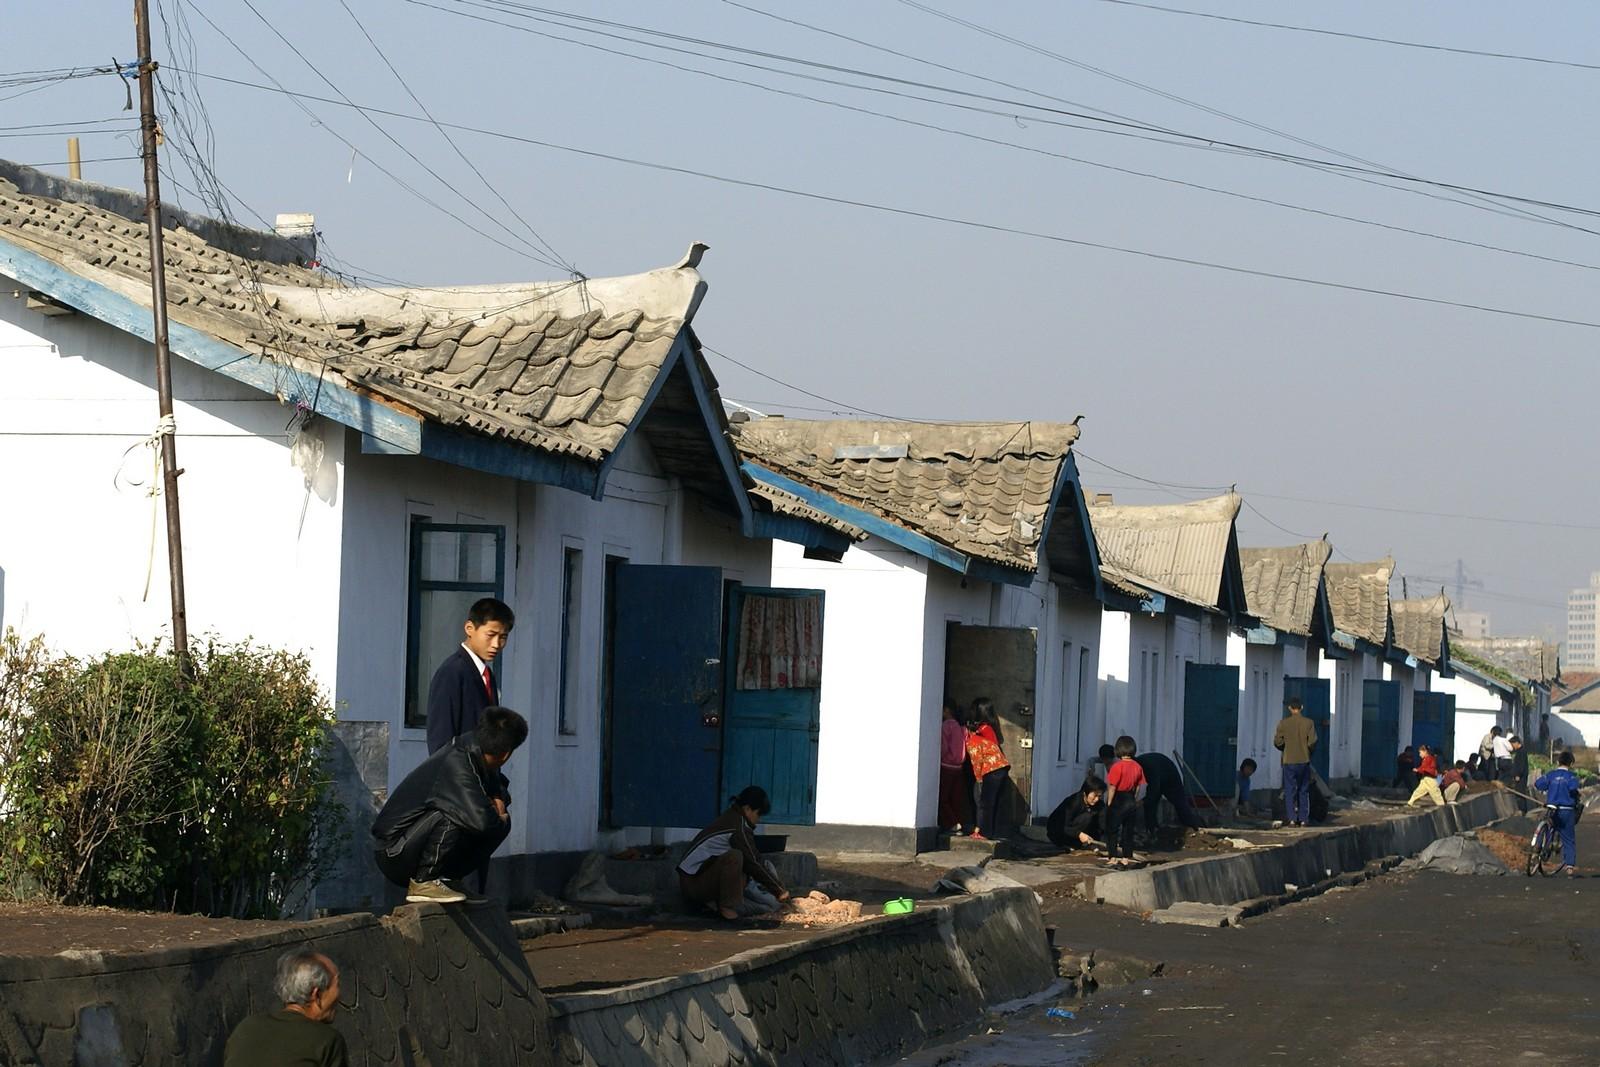 Lane in Ryul-dong, Pyongyang